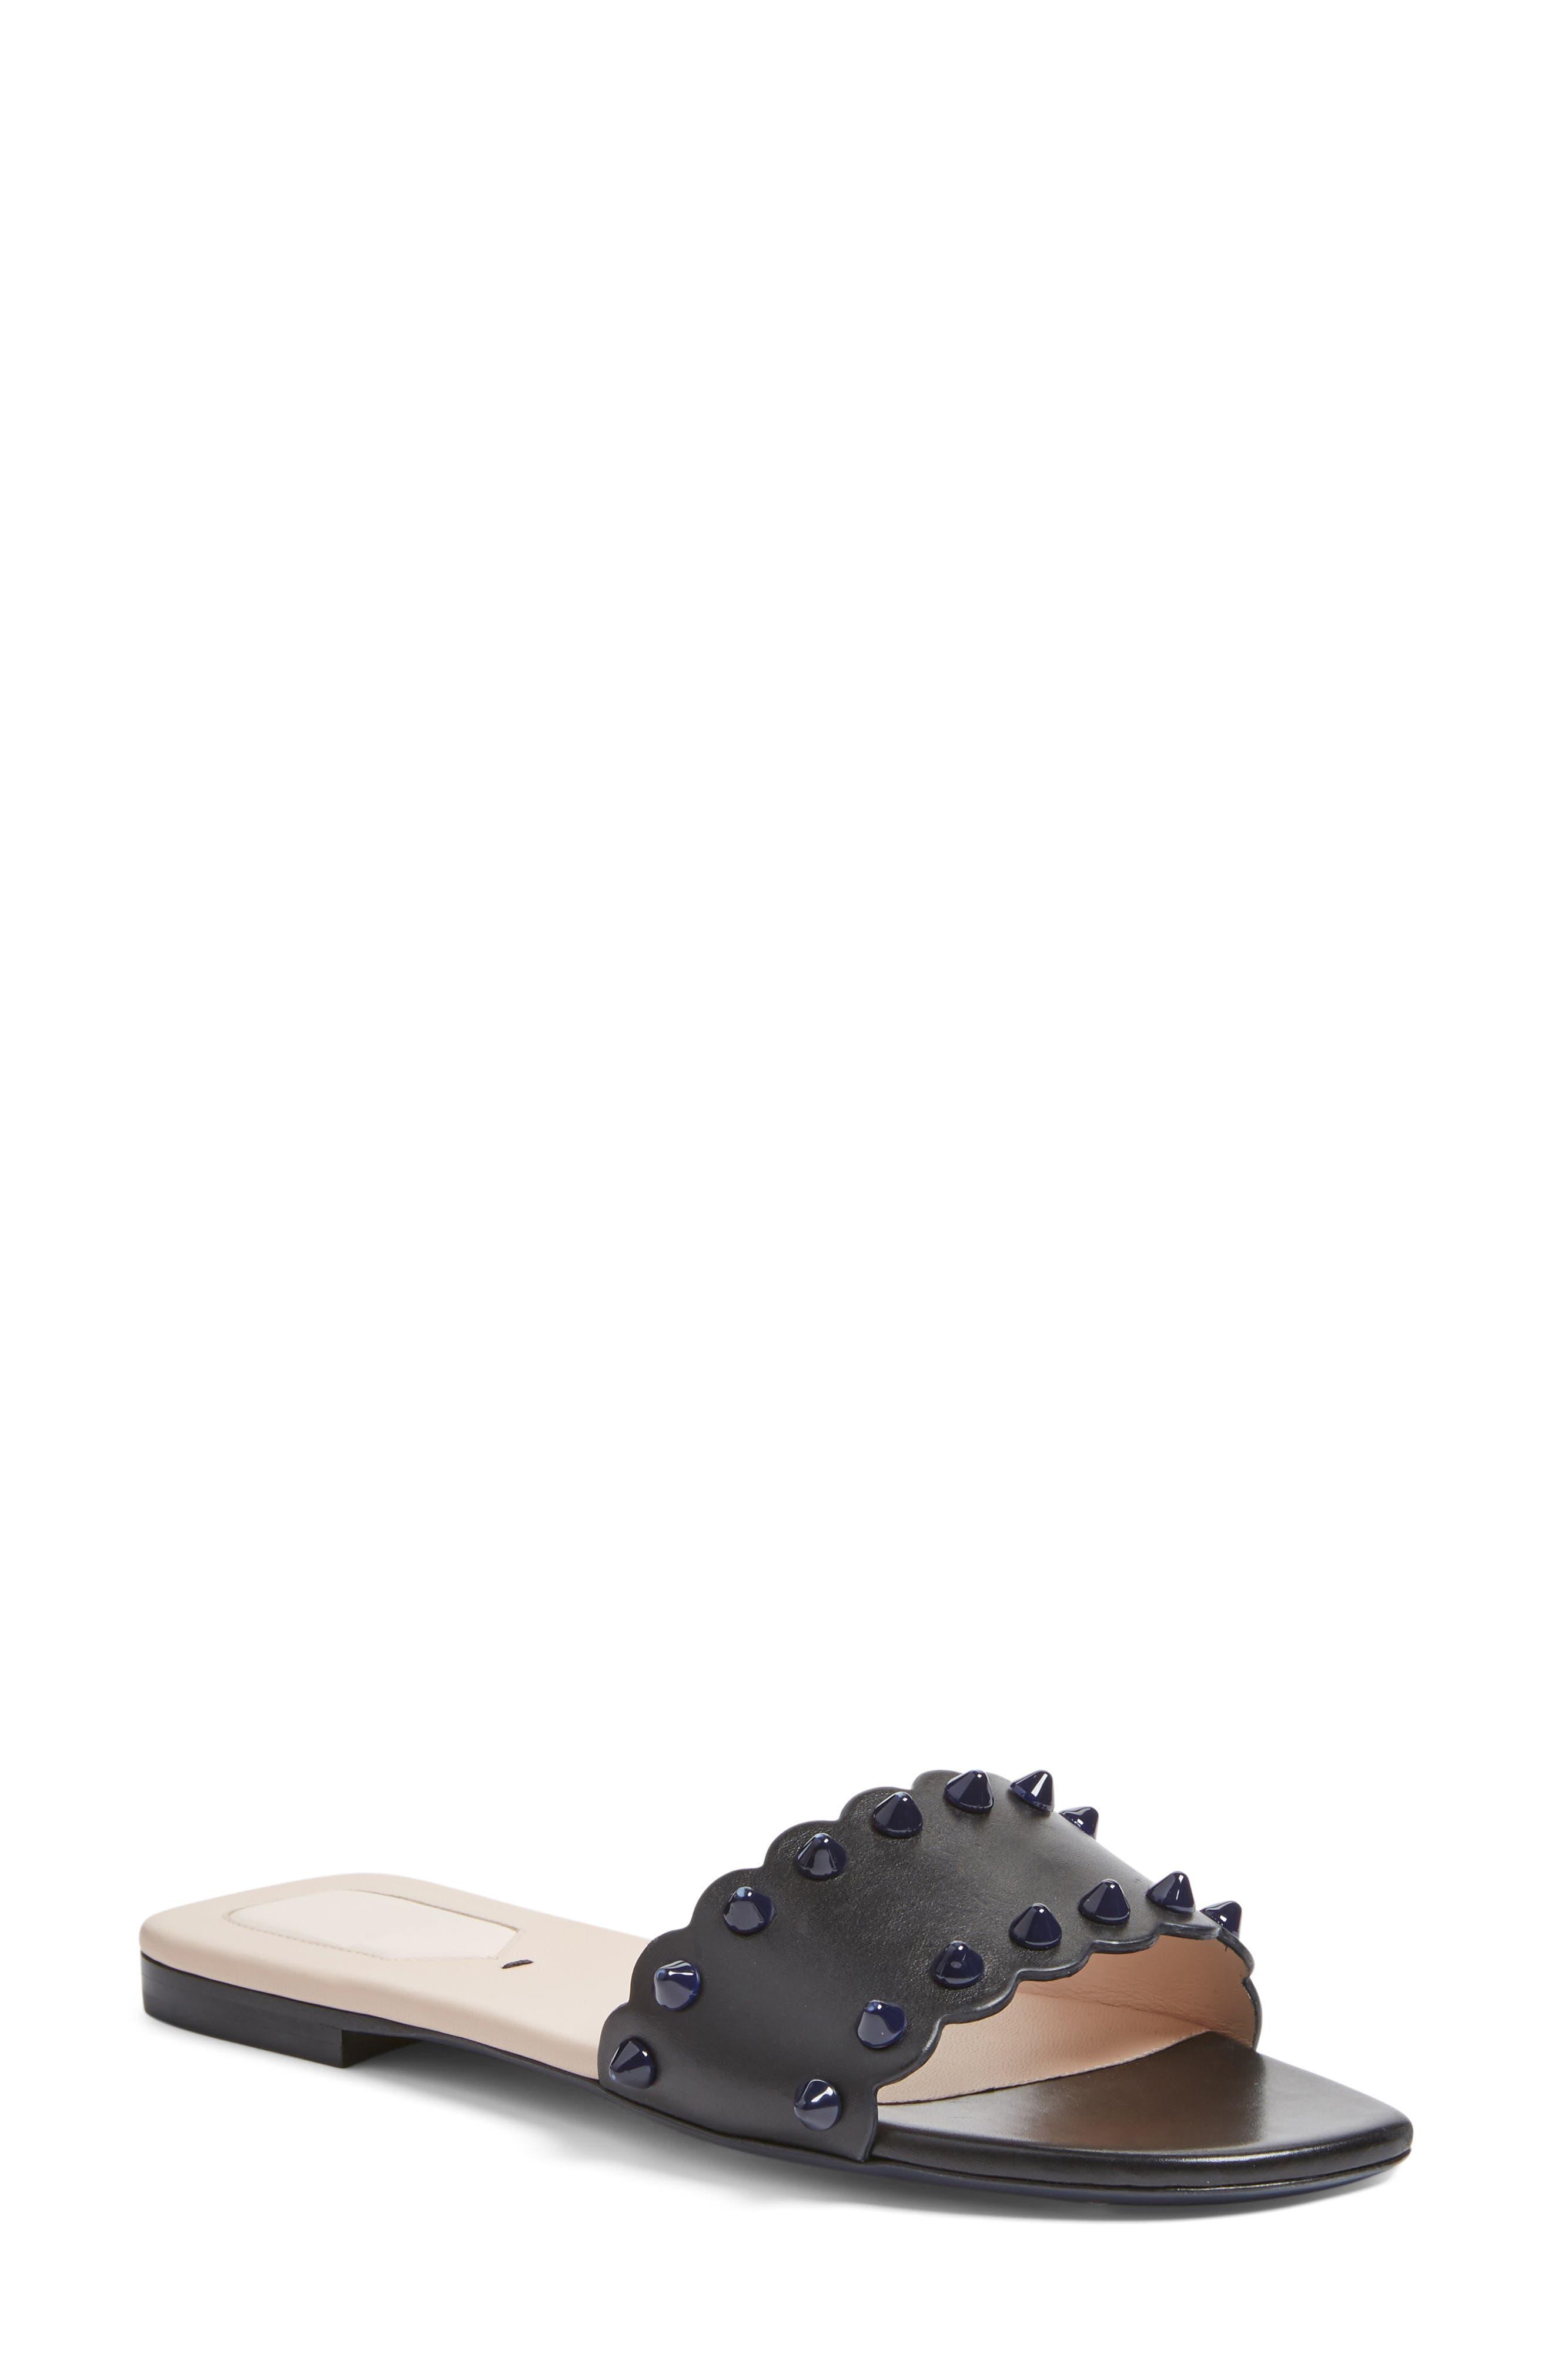 Fendi Studded Slide Sandal (Women)